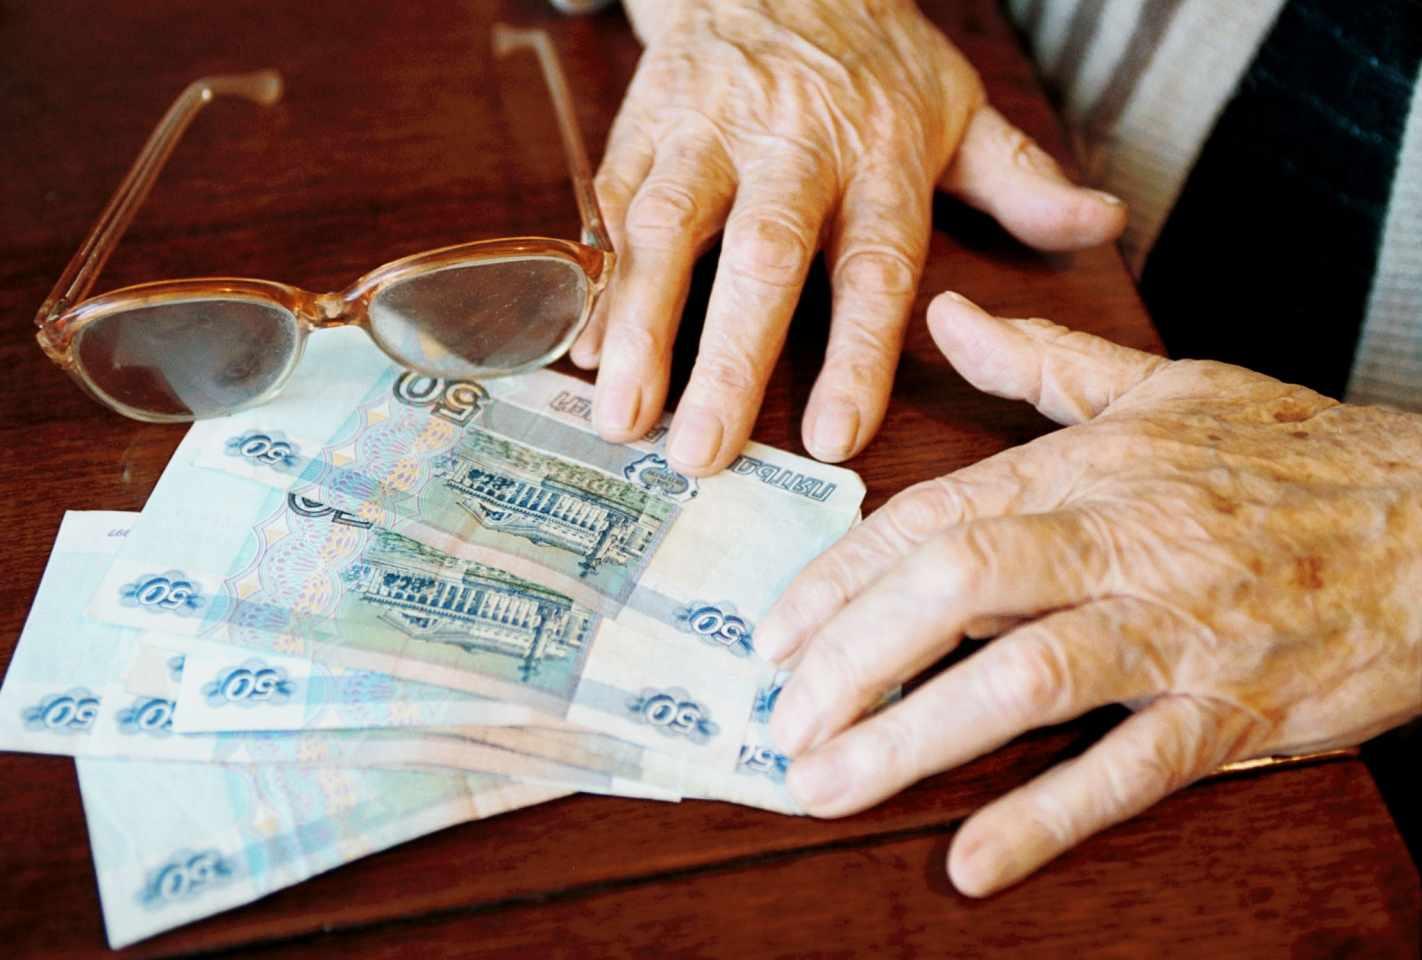 Пенсионный фонд увеличит пенсии около 14 млн россиян после перерасчета